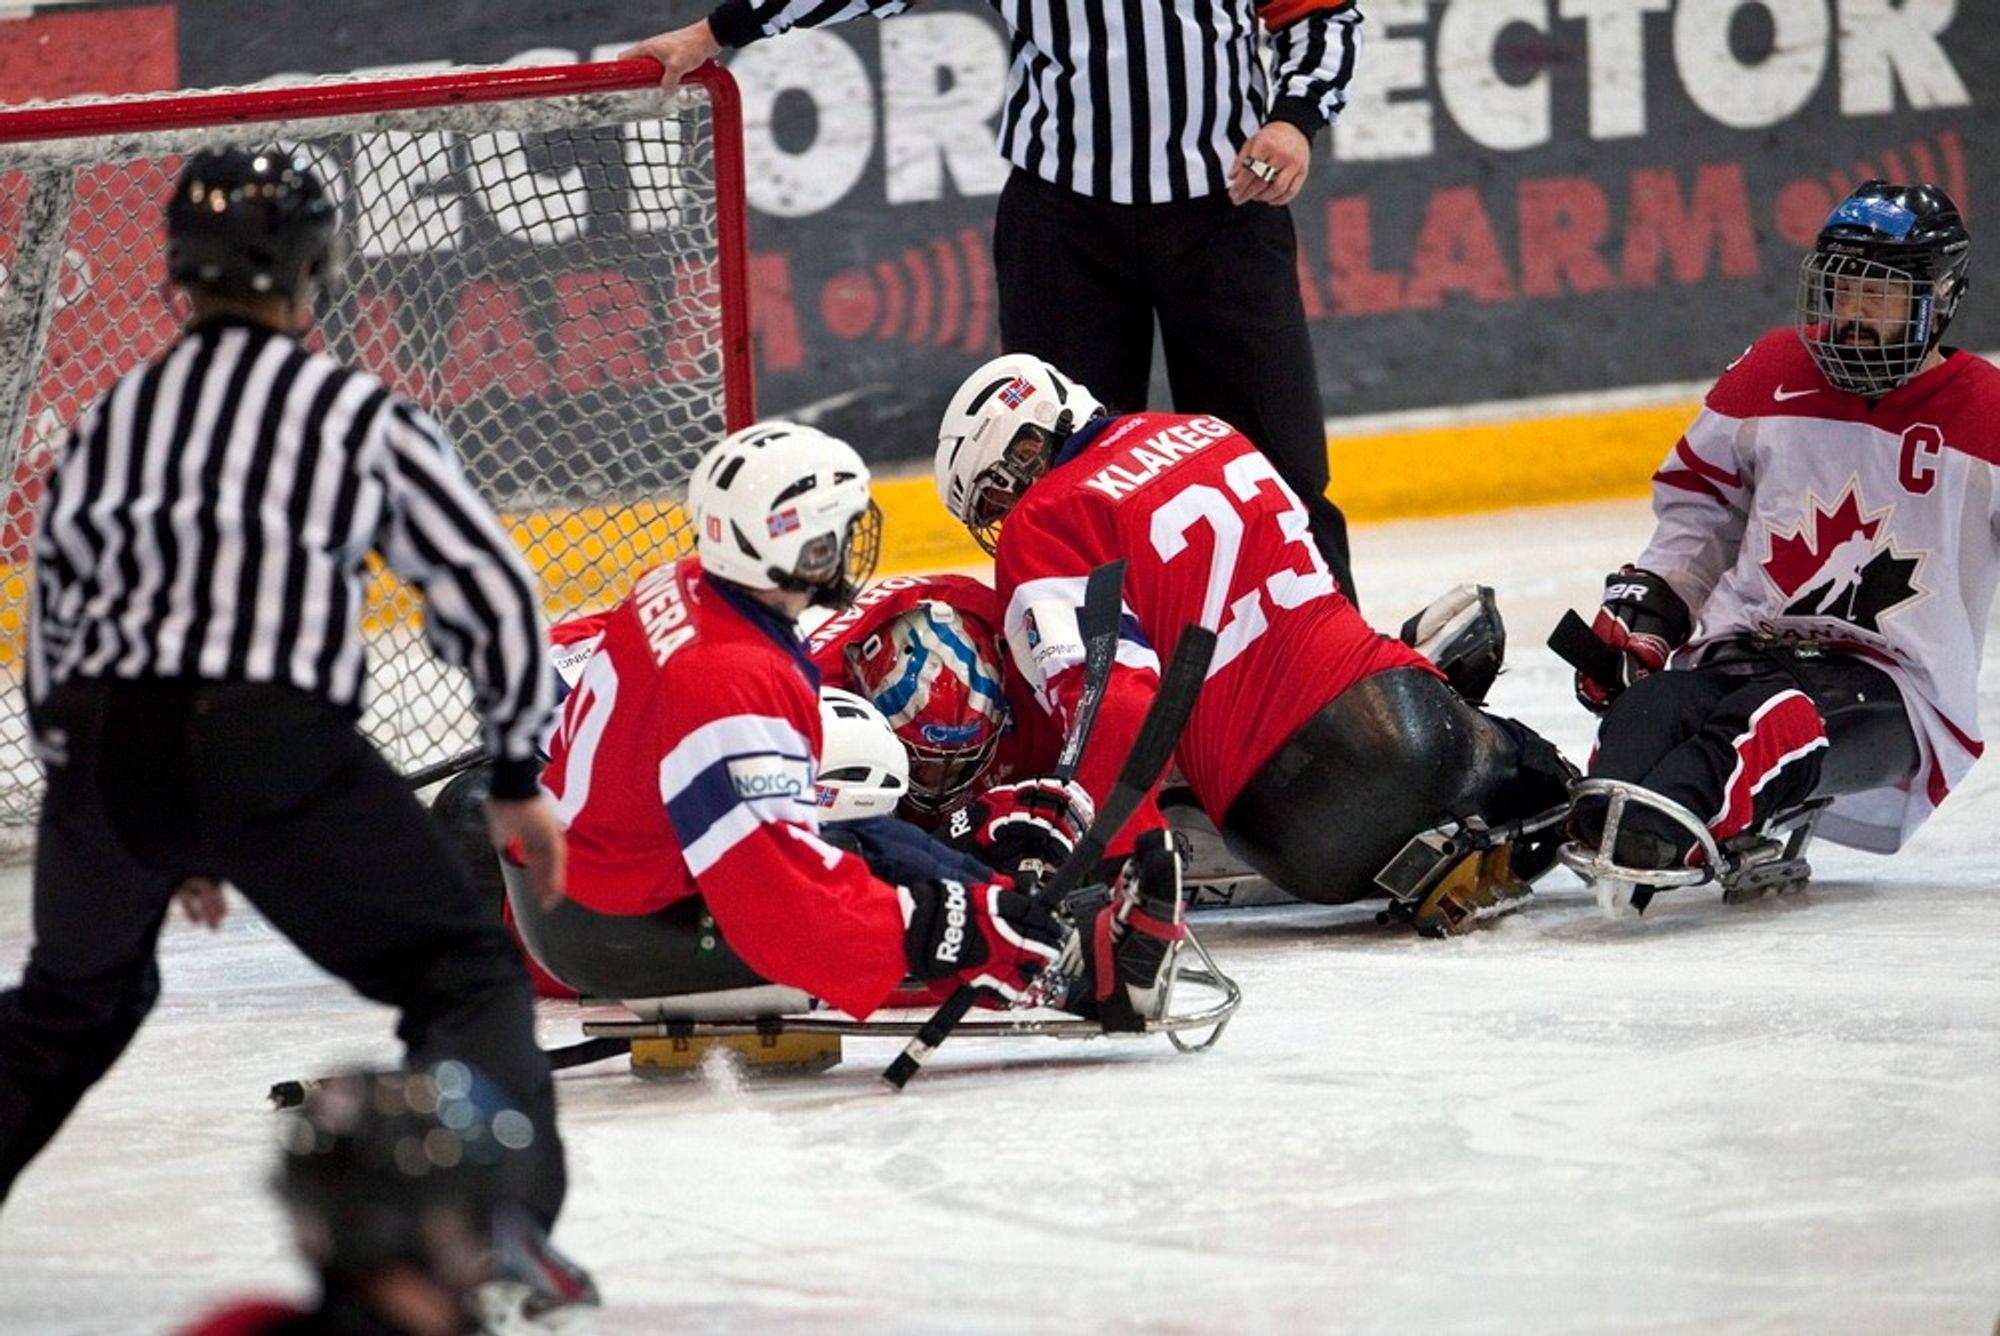 Det går hardt for seg på isen. Her fra en kjelkehockeykamp mellom Norge og Canada på Hamar i mars.